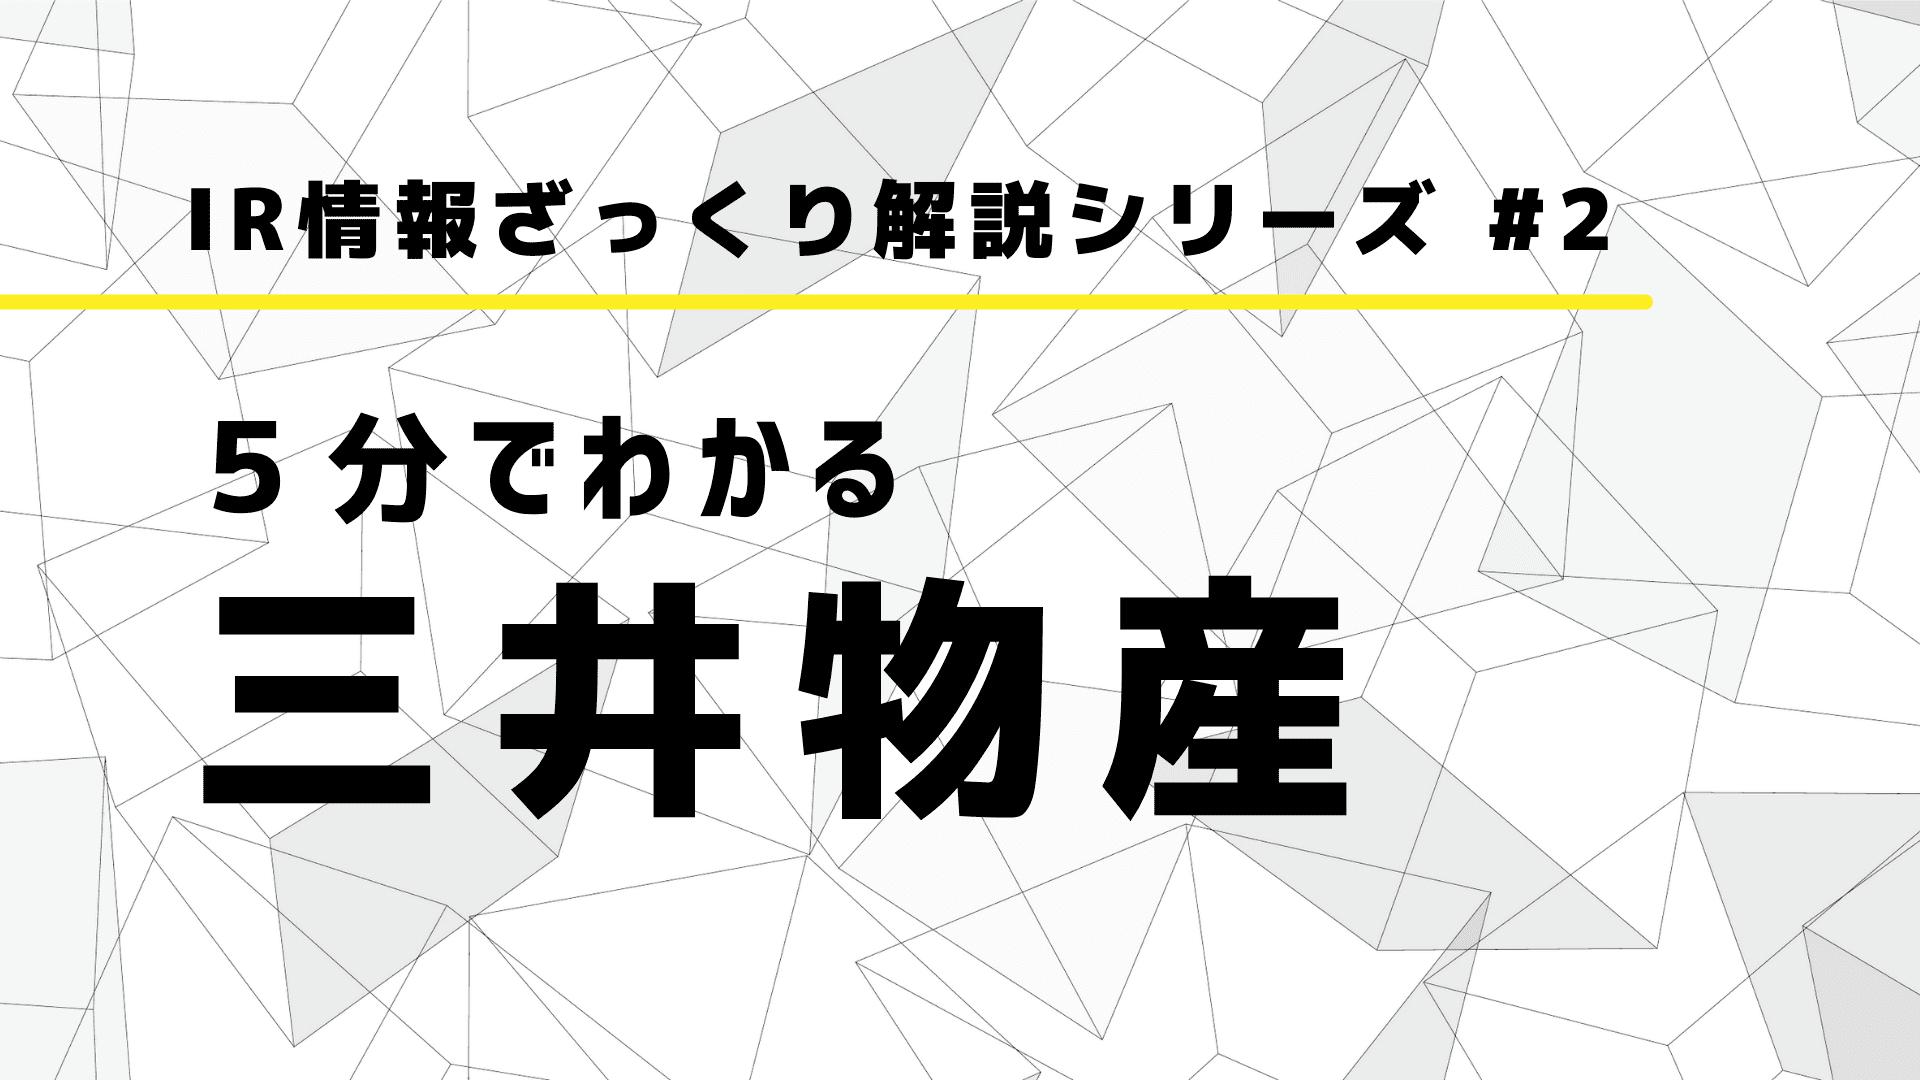 【企業研究】5分でわかる!IRから読み解く三井物産